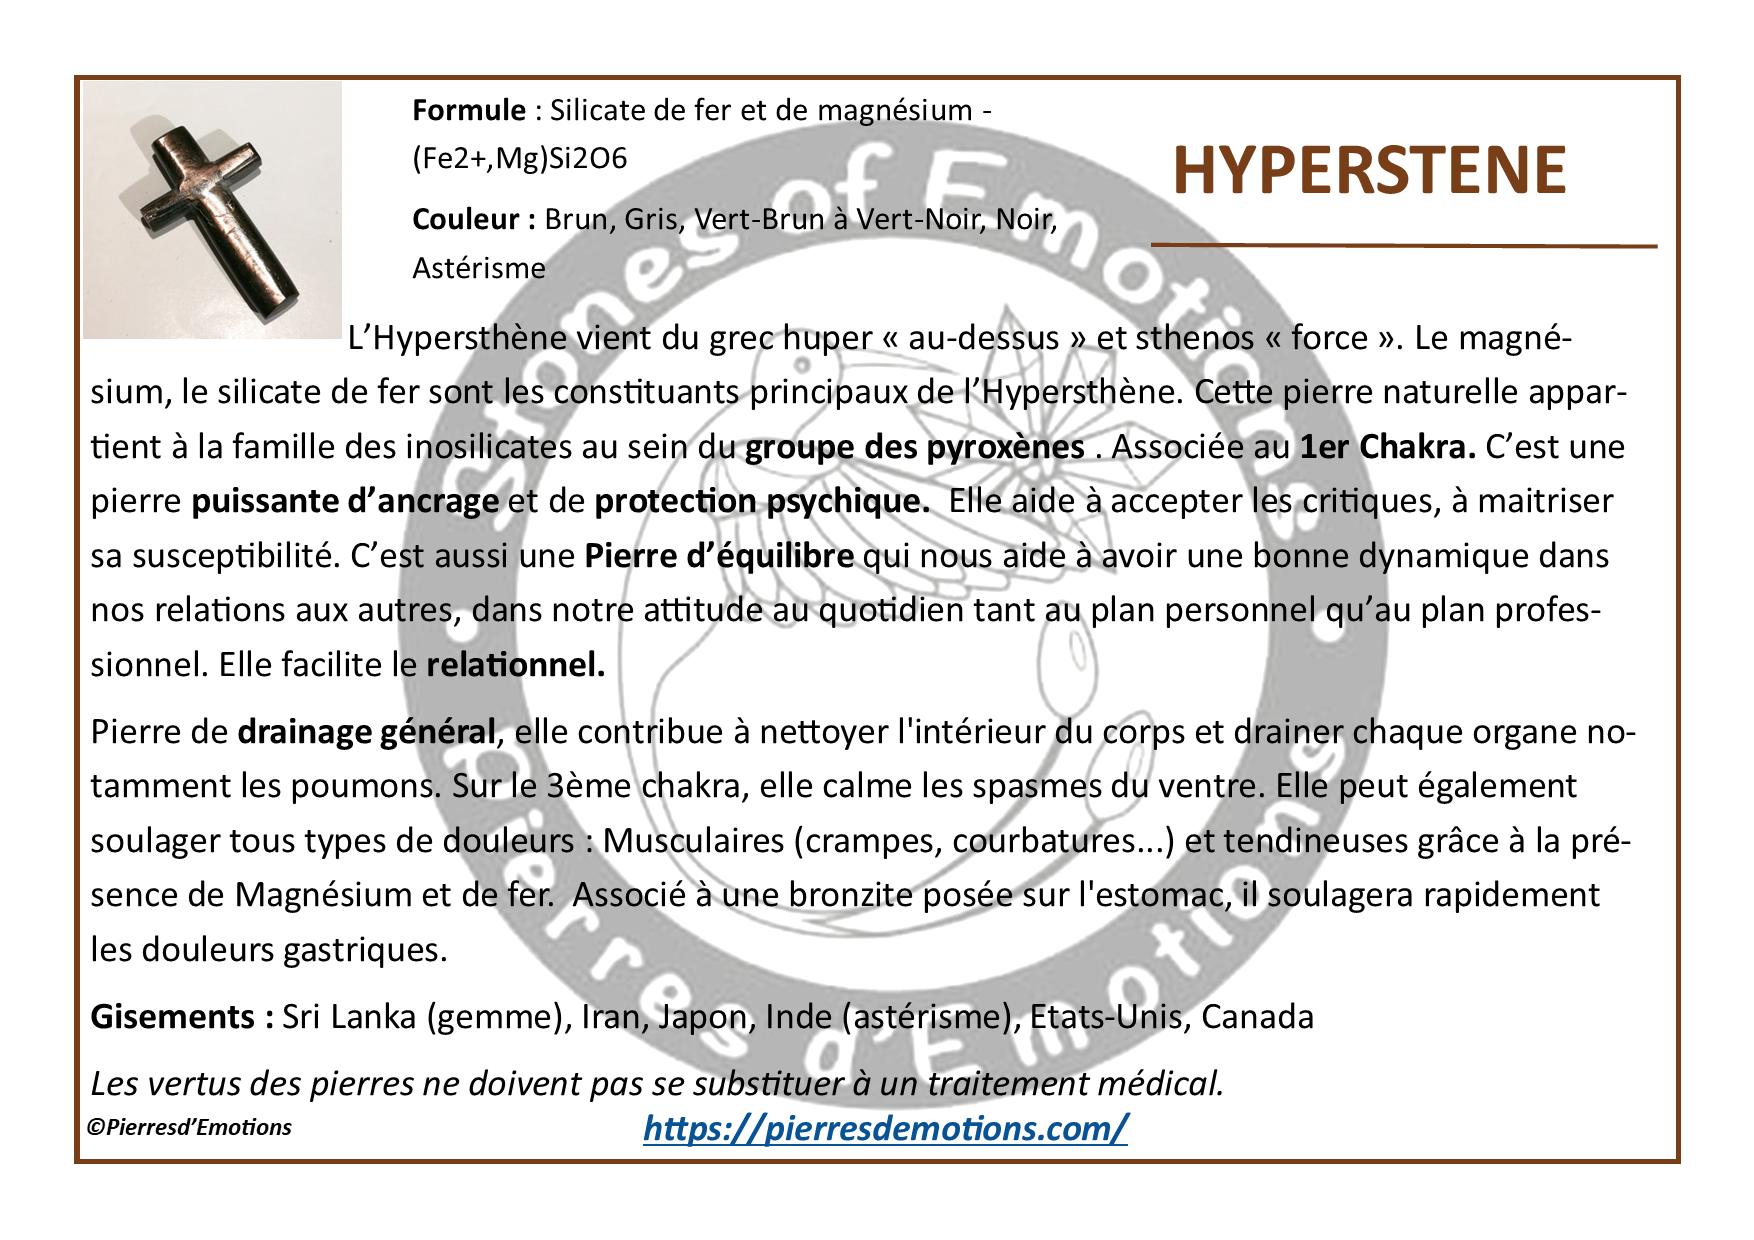 Hyperstene